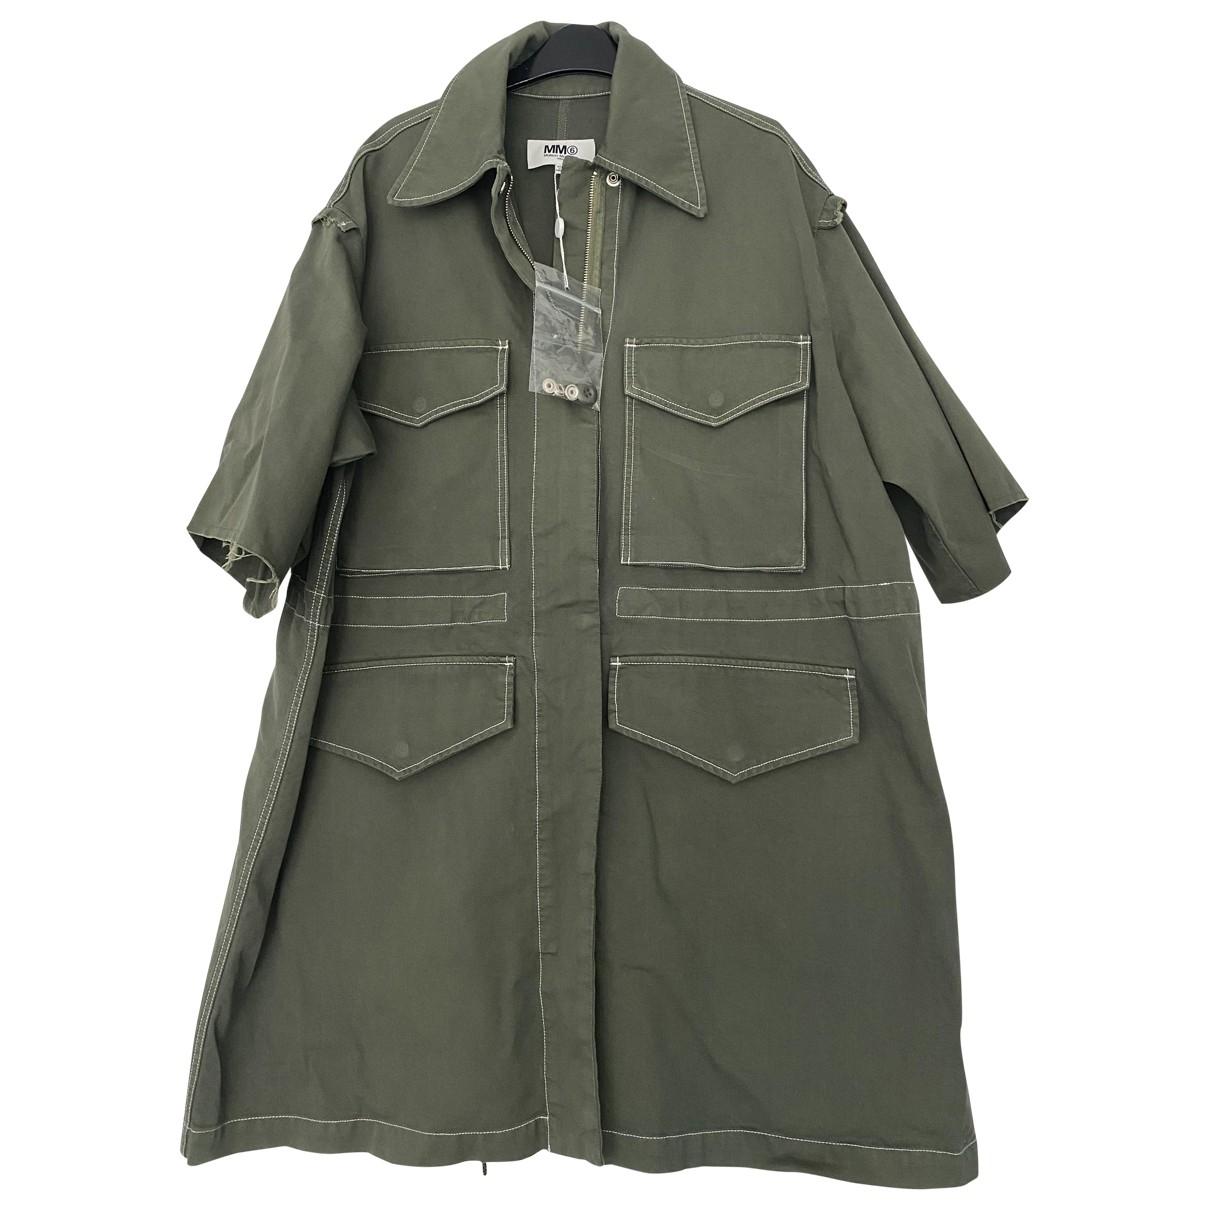 Mm6 - Manteau   pour femme en coton - kaki